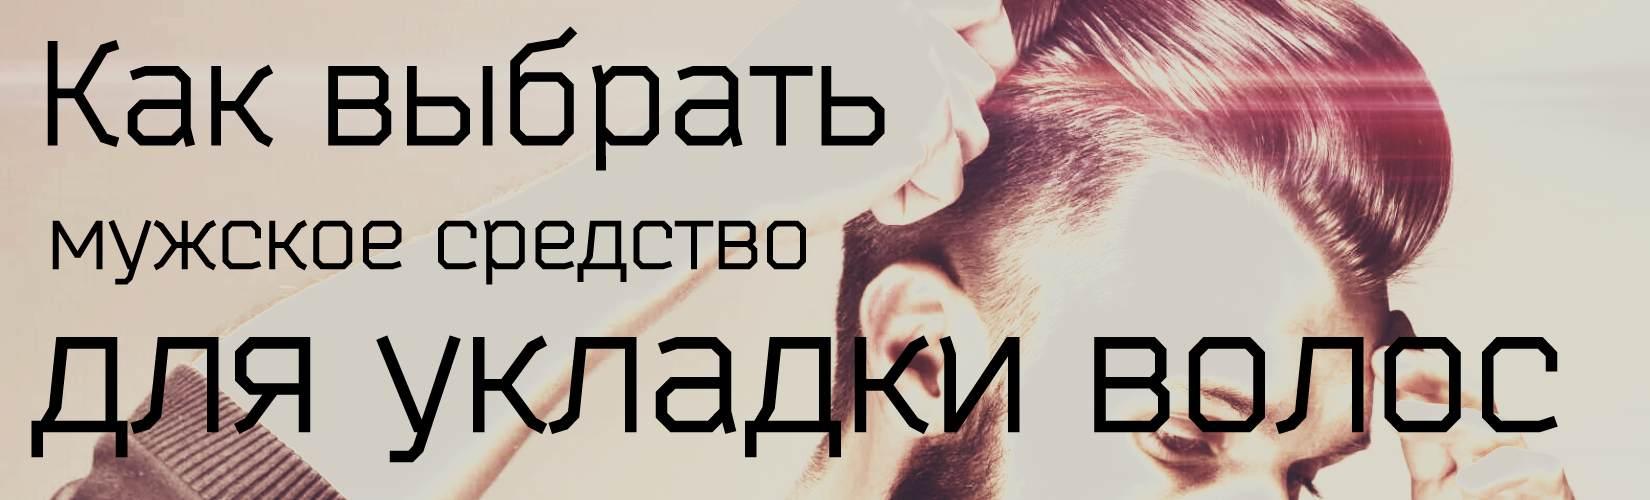 Как выбрать мужское средство для укладки волос